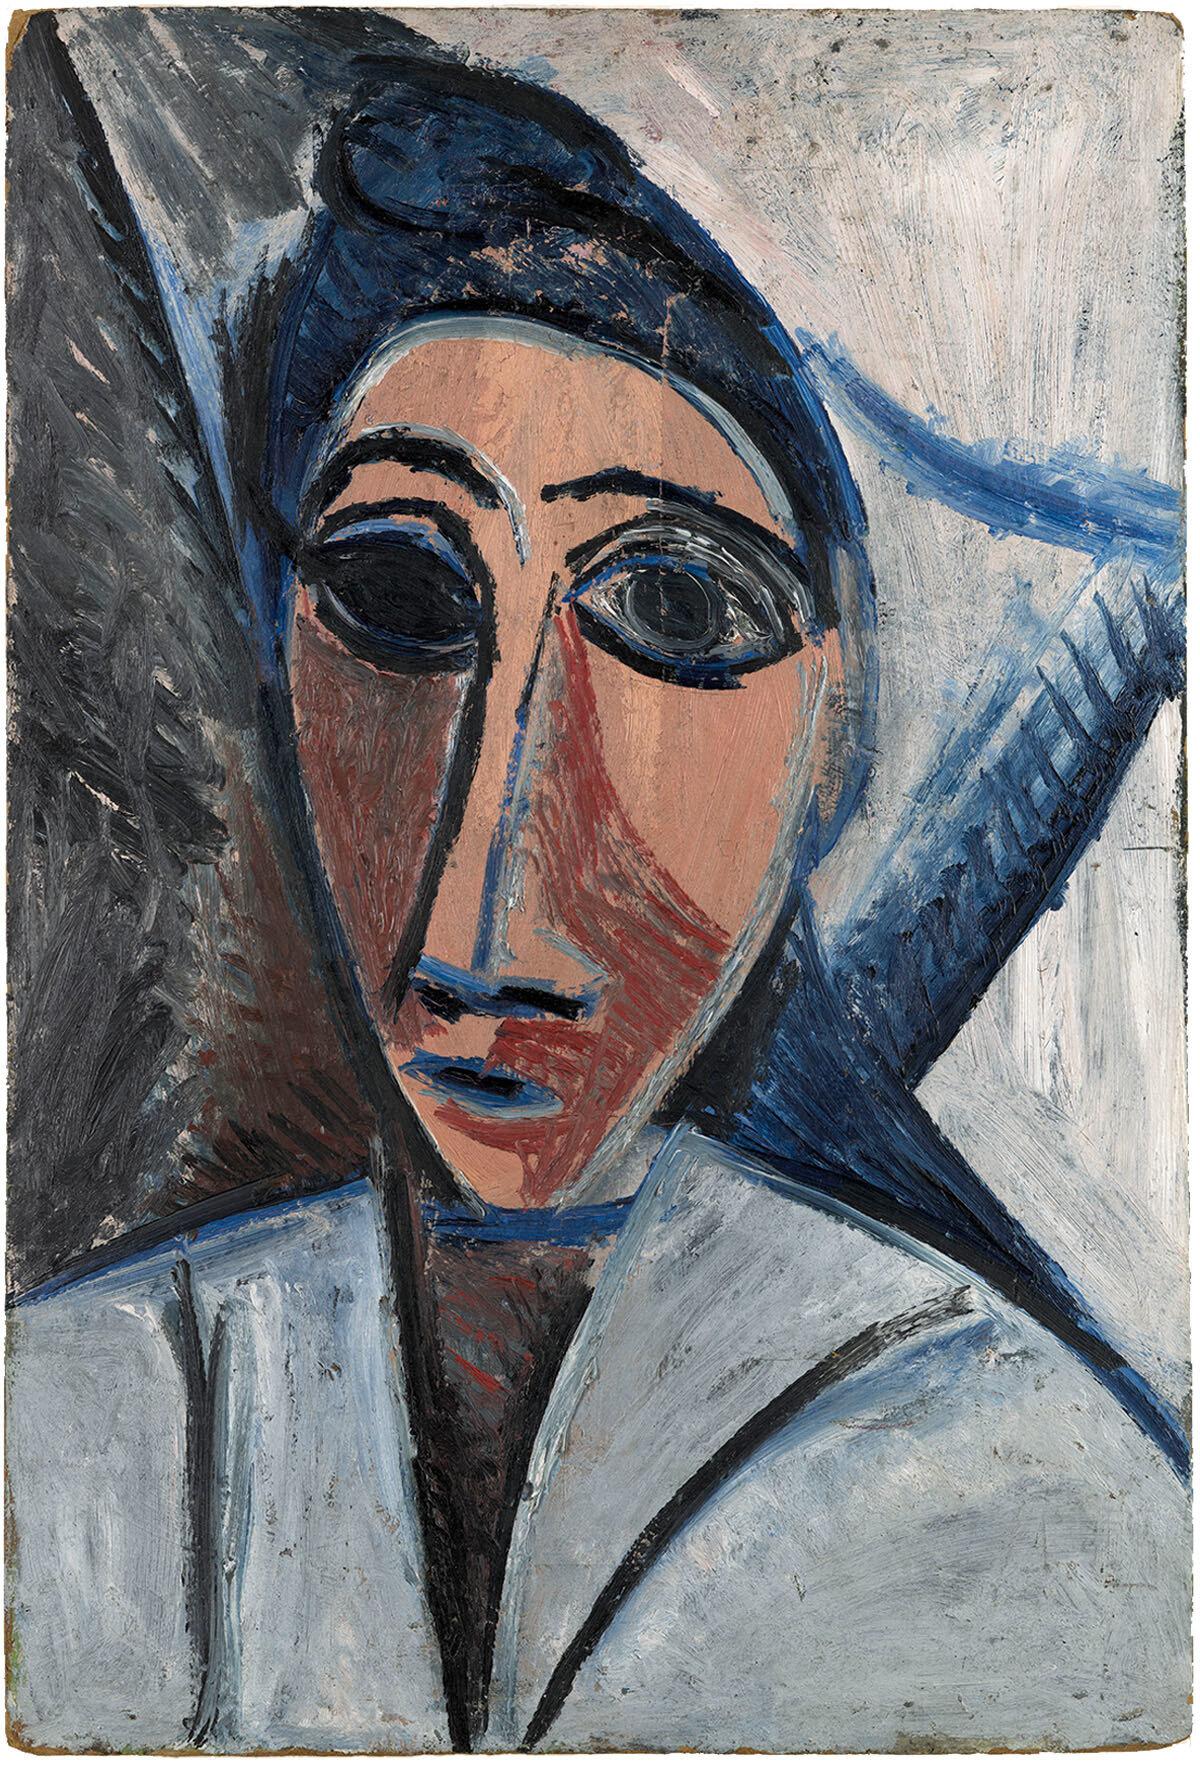 Beatrice D Avignon Avis exhibition devoted to picasso's imaginative and original